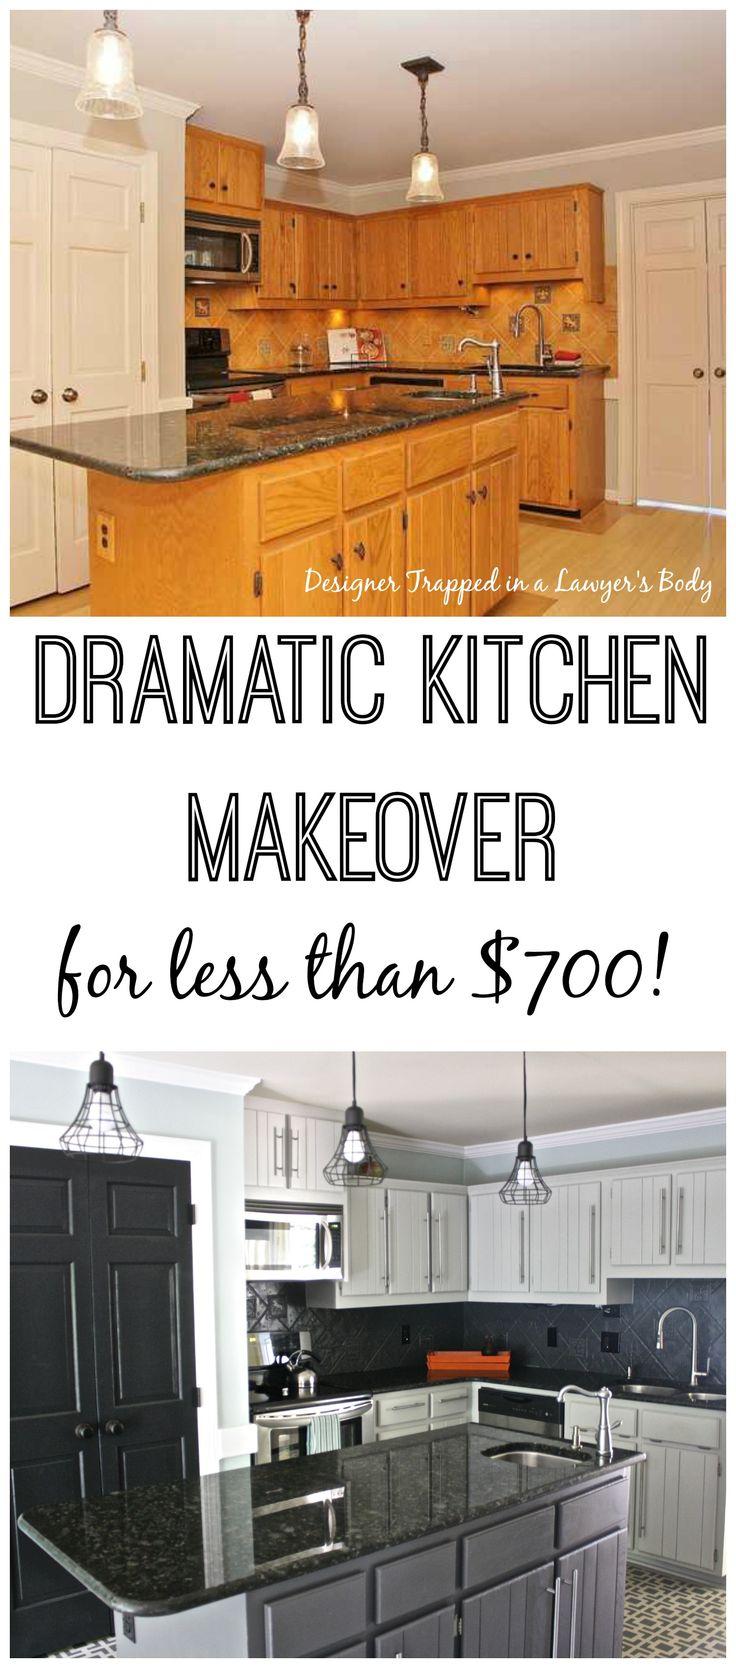 33 best Kitchen Remodel images on Pinterest | Kitchen remodeling ...